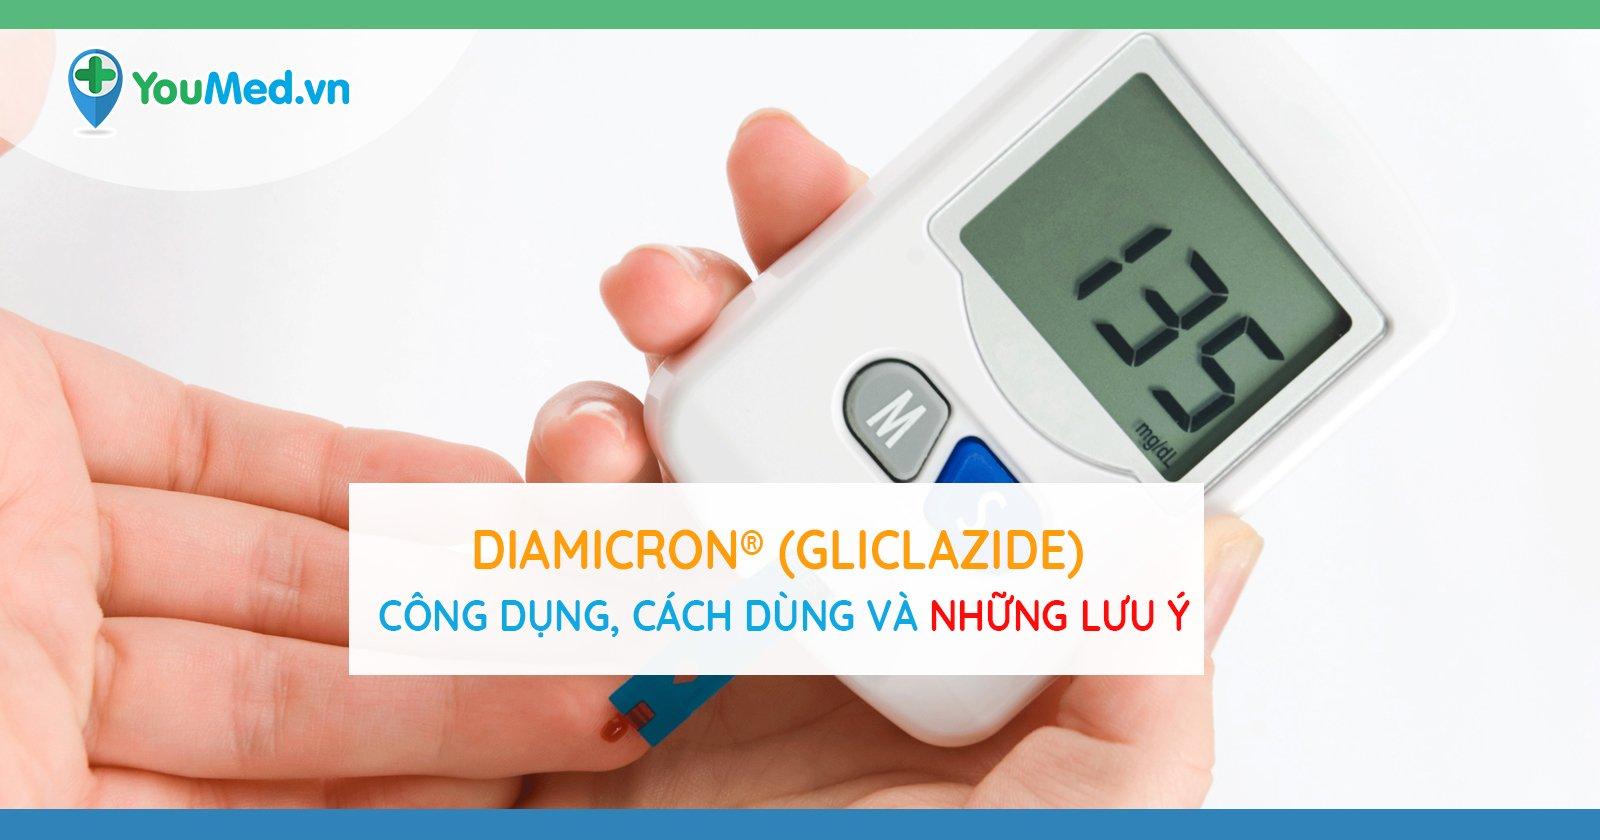 Diamicron® (Gliclazide) điều trị bệnh gì? Công dụng, cách dùng và những lưu ý